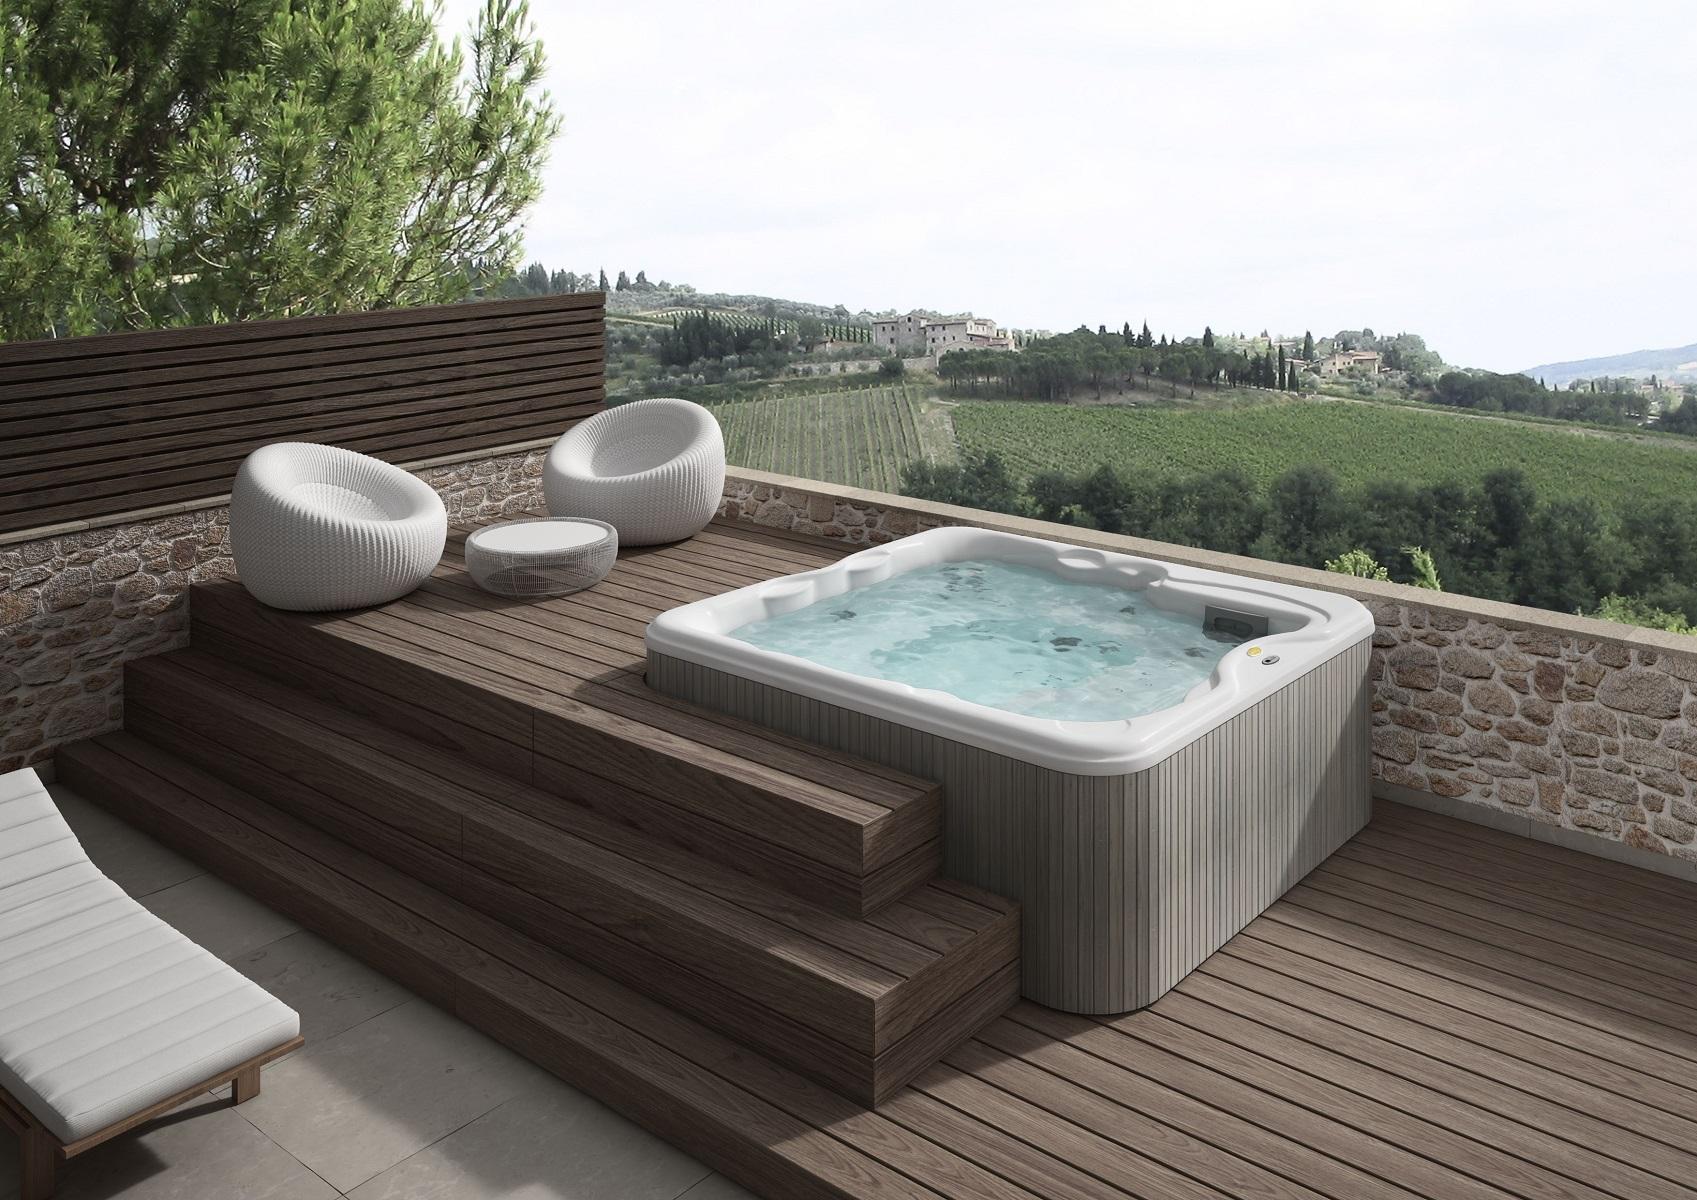 oz o pertuis piscine spas jacuzzi arrosage et pompage. Black Bedroom Furniture Sets. Home Design Ideas